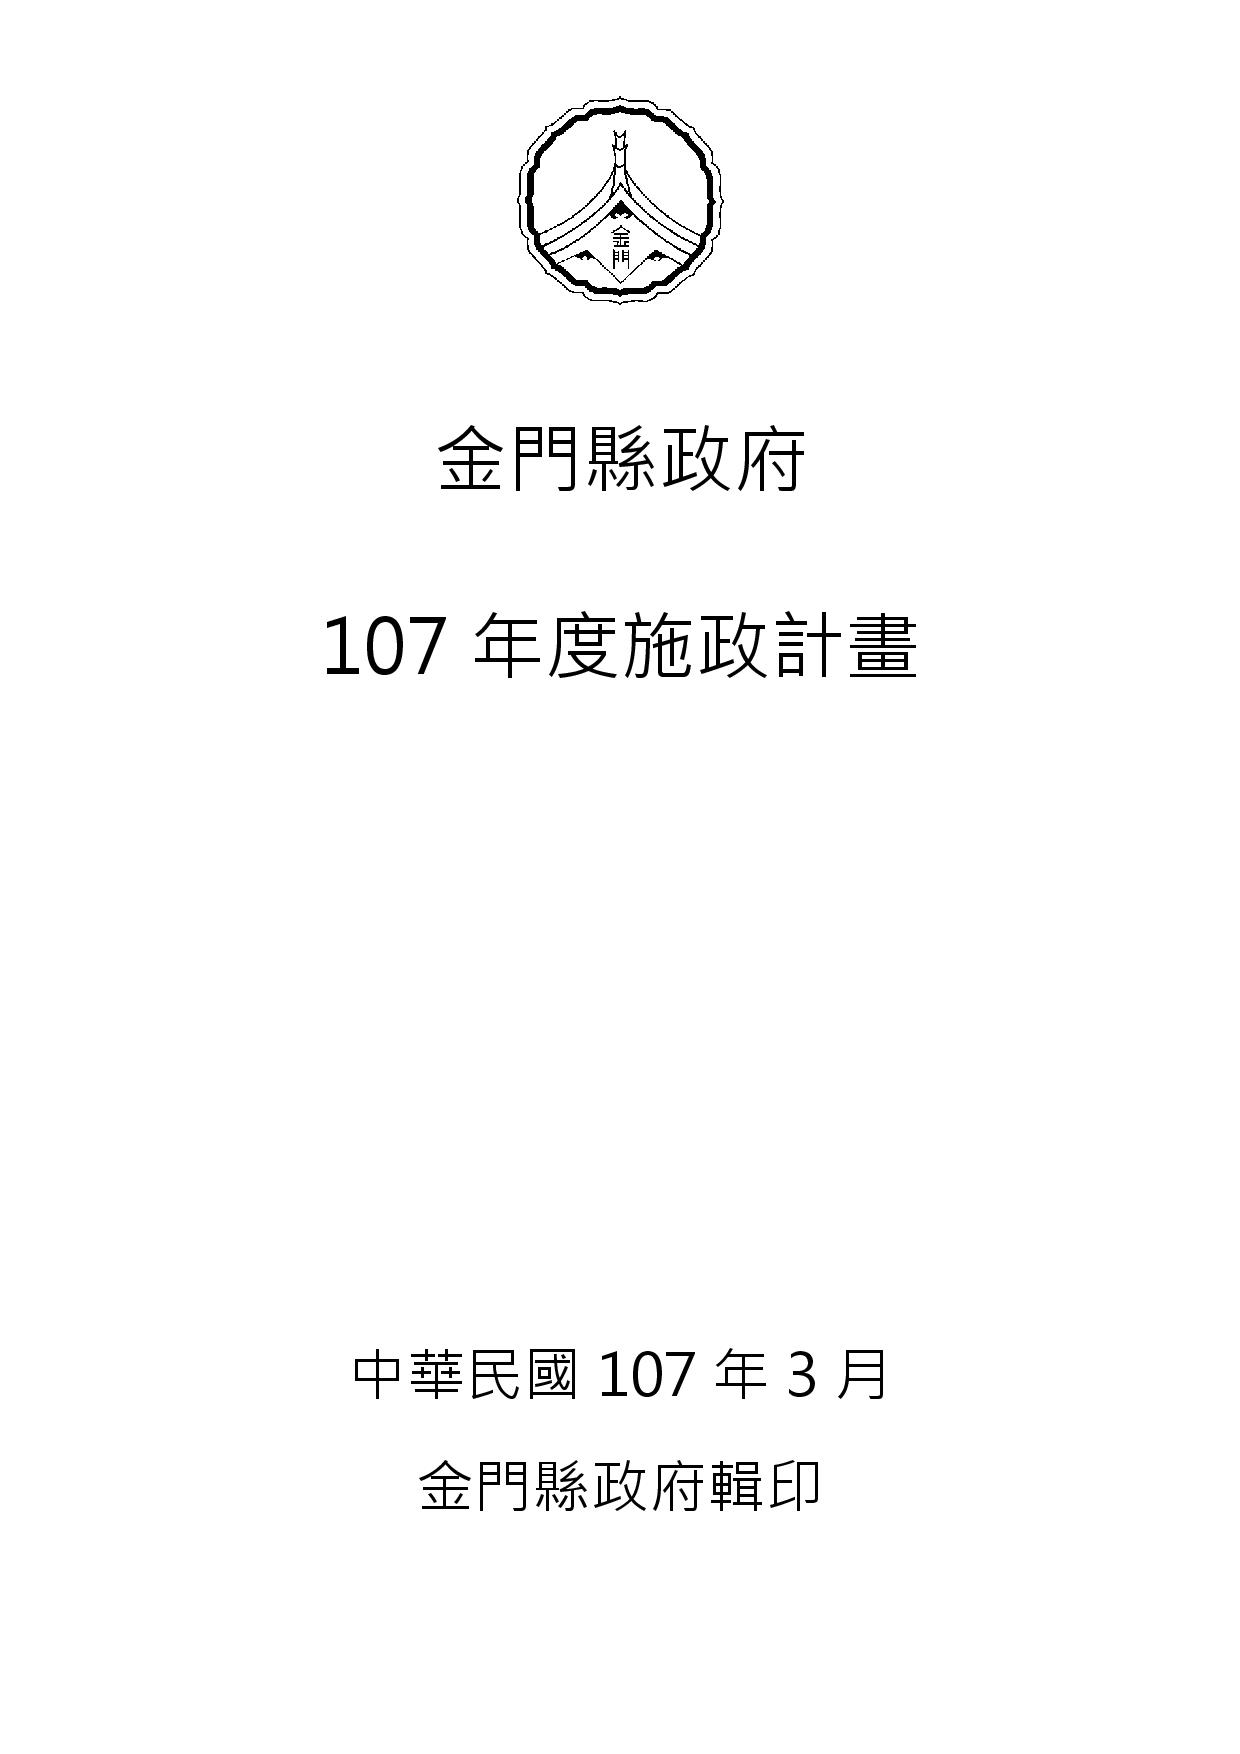 金門縣政府107年度施政計畫